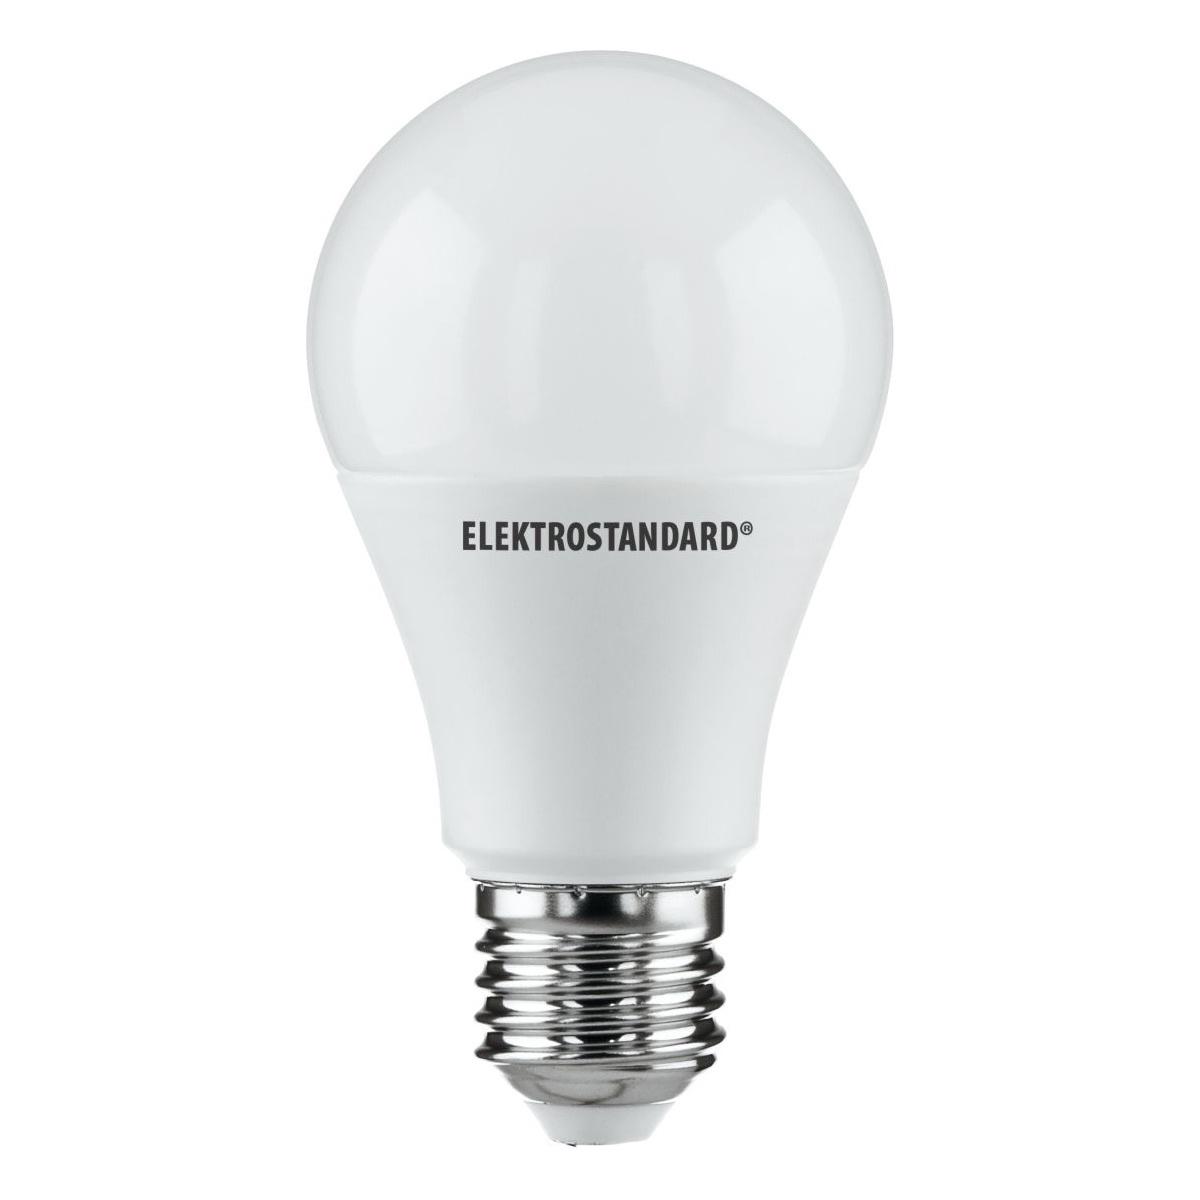 Лампочка Elektrostandard светодиодная Classic LED D 10W 4200K E27, Нейтральный свет 10 Вт, Светодиодная лампы светодиодная elektrostandard classic led d 7w 4200k e27